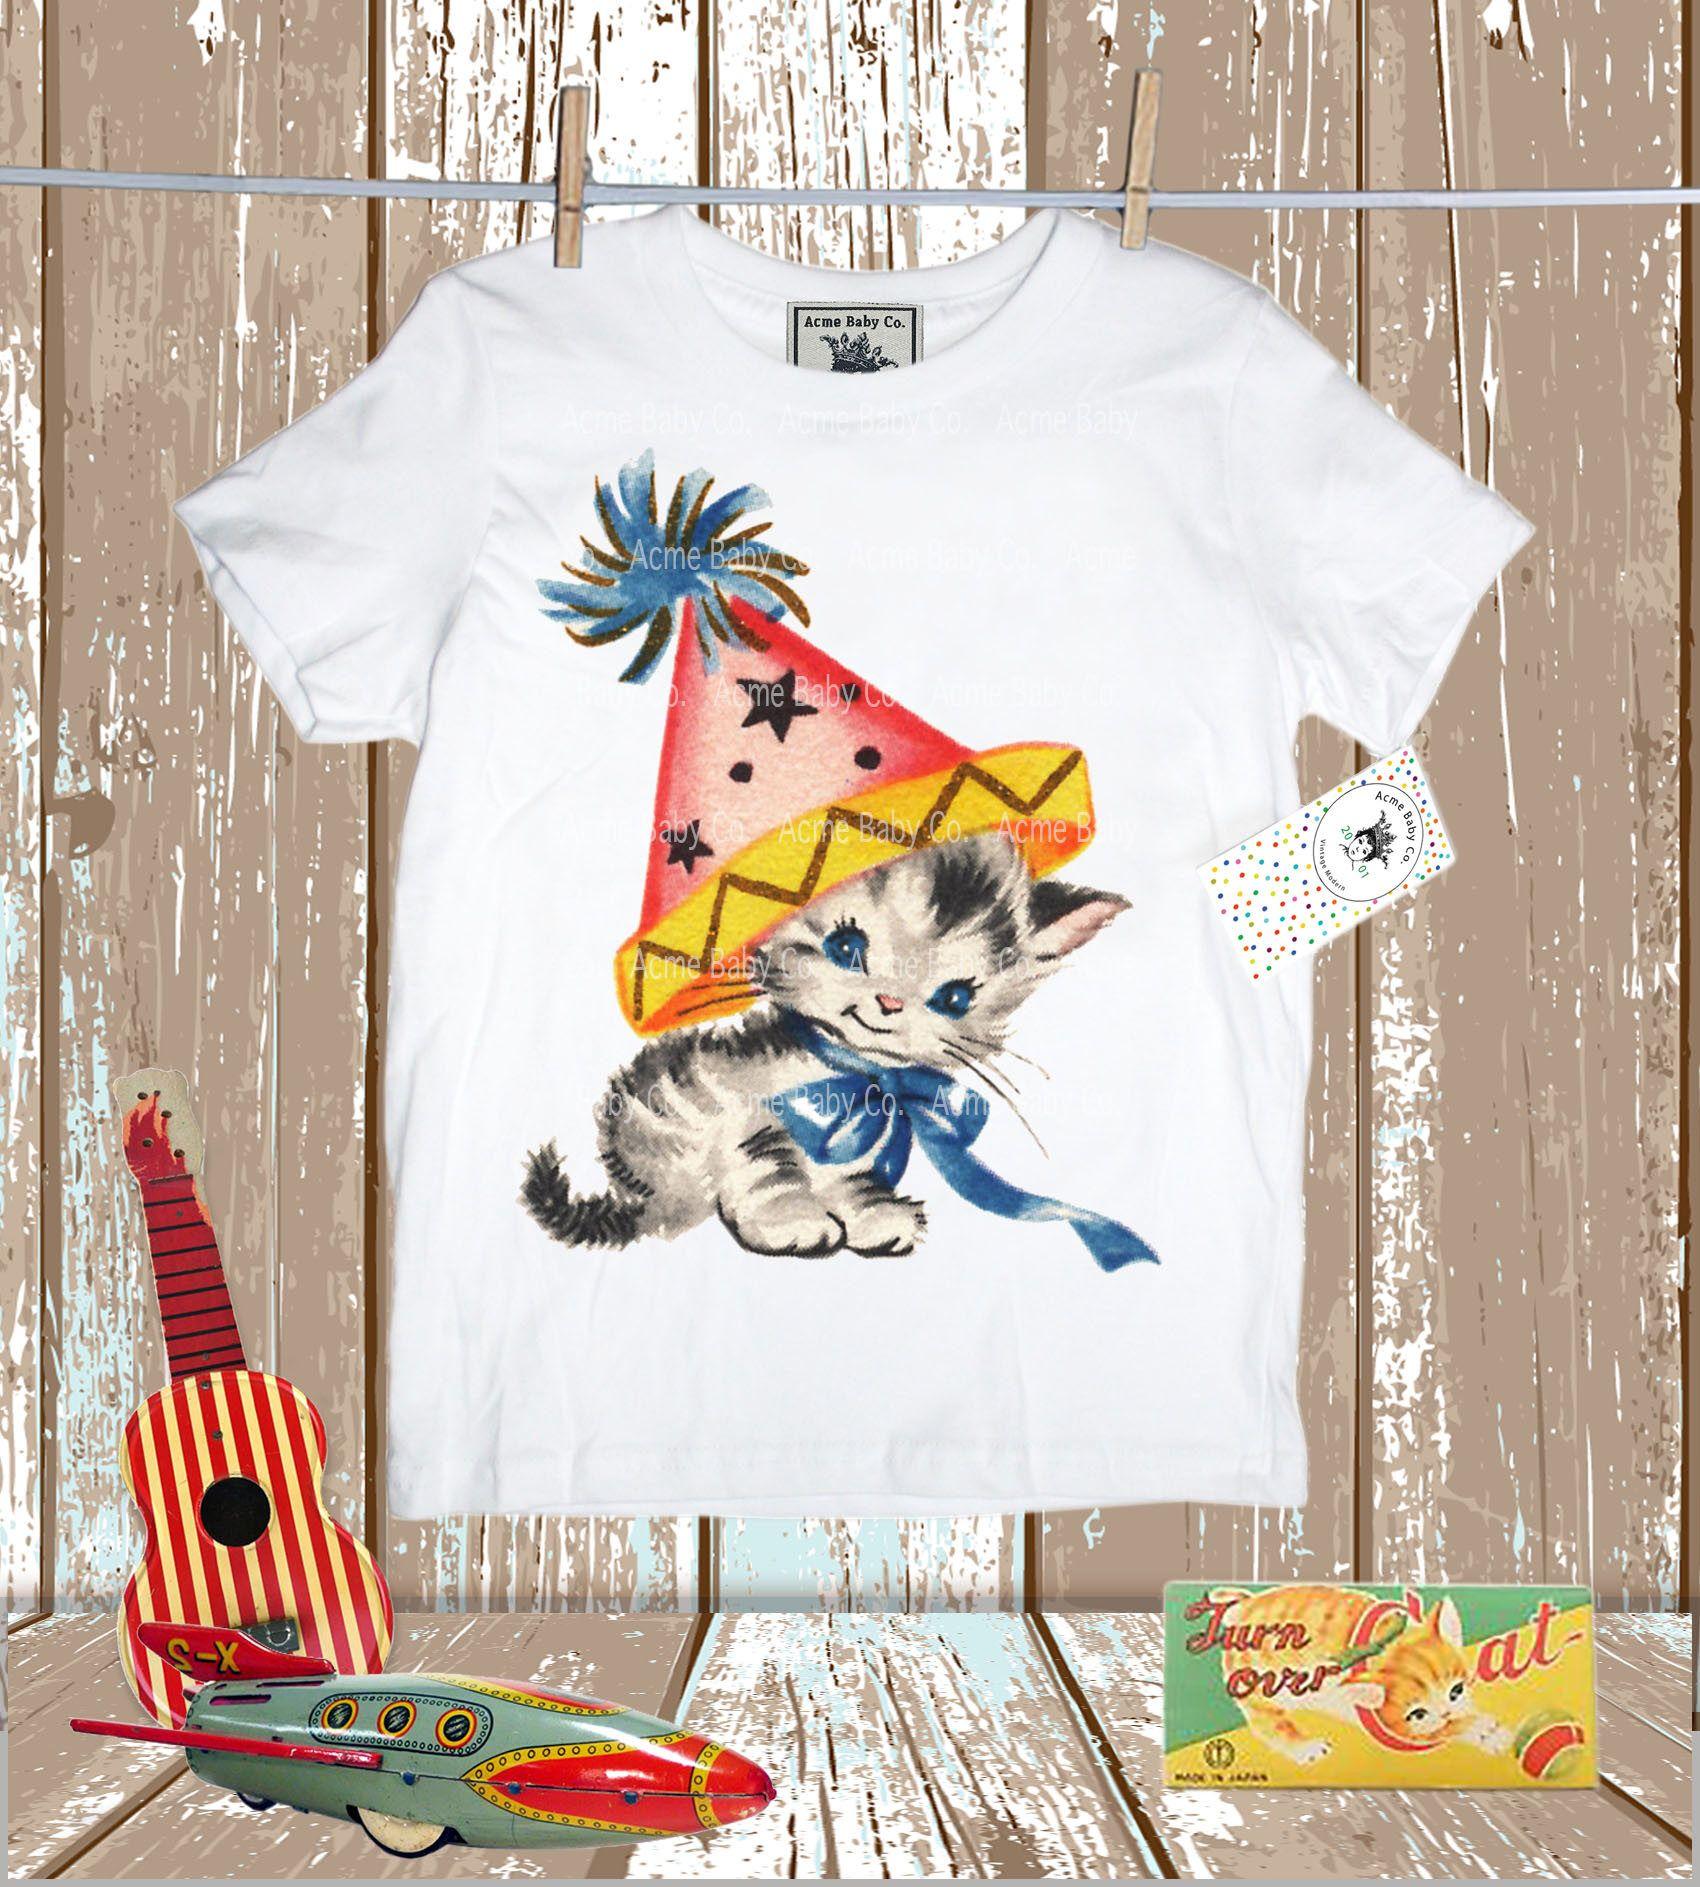 Retro Kitty Cat Birthday Party Shirt. Retro Kitty in Party